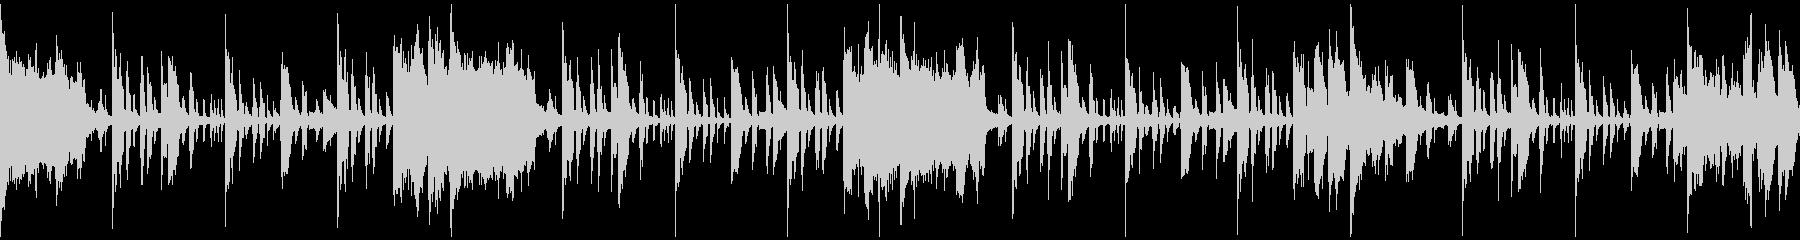 サスペンス調のエレクトロニカループの未再生の波形